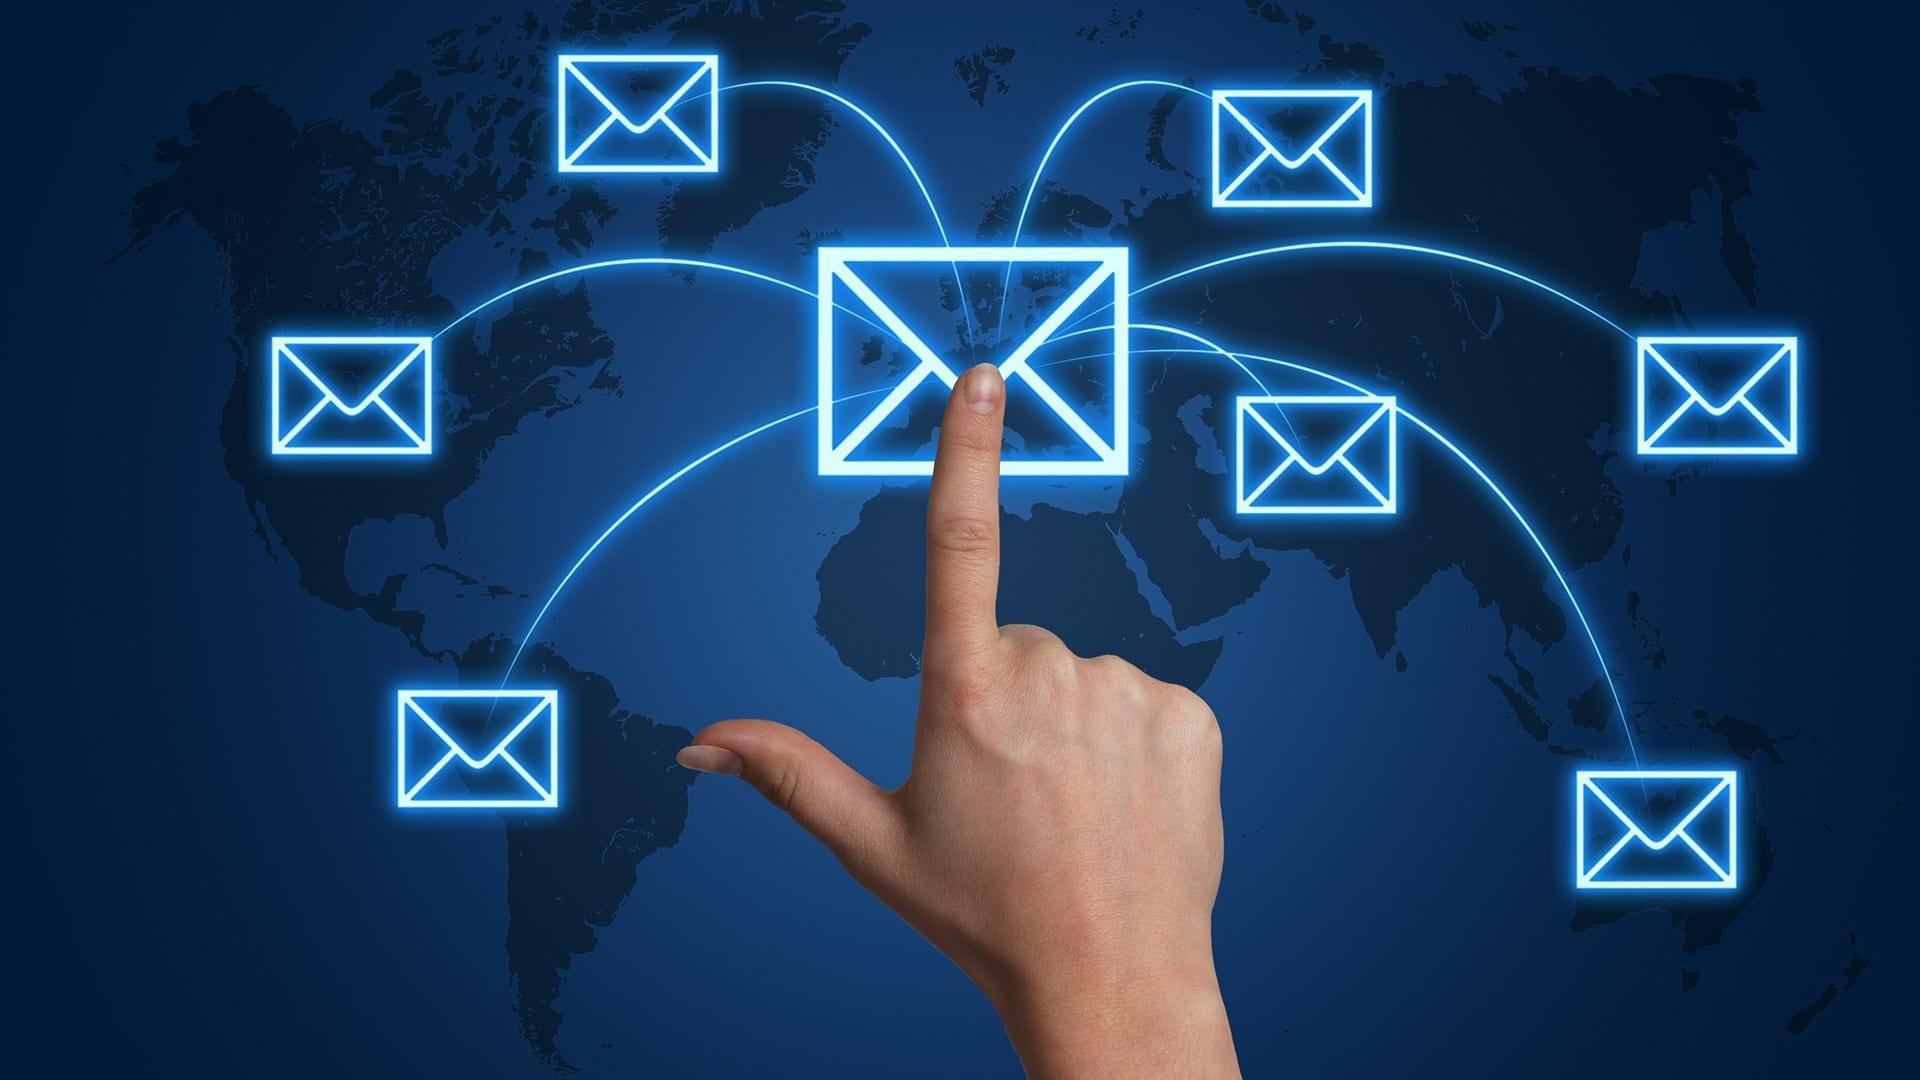 فوائد استخدام النماذج لحملات التسويق عبر البريد الإلكتروني